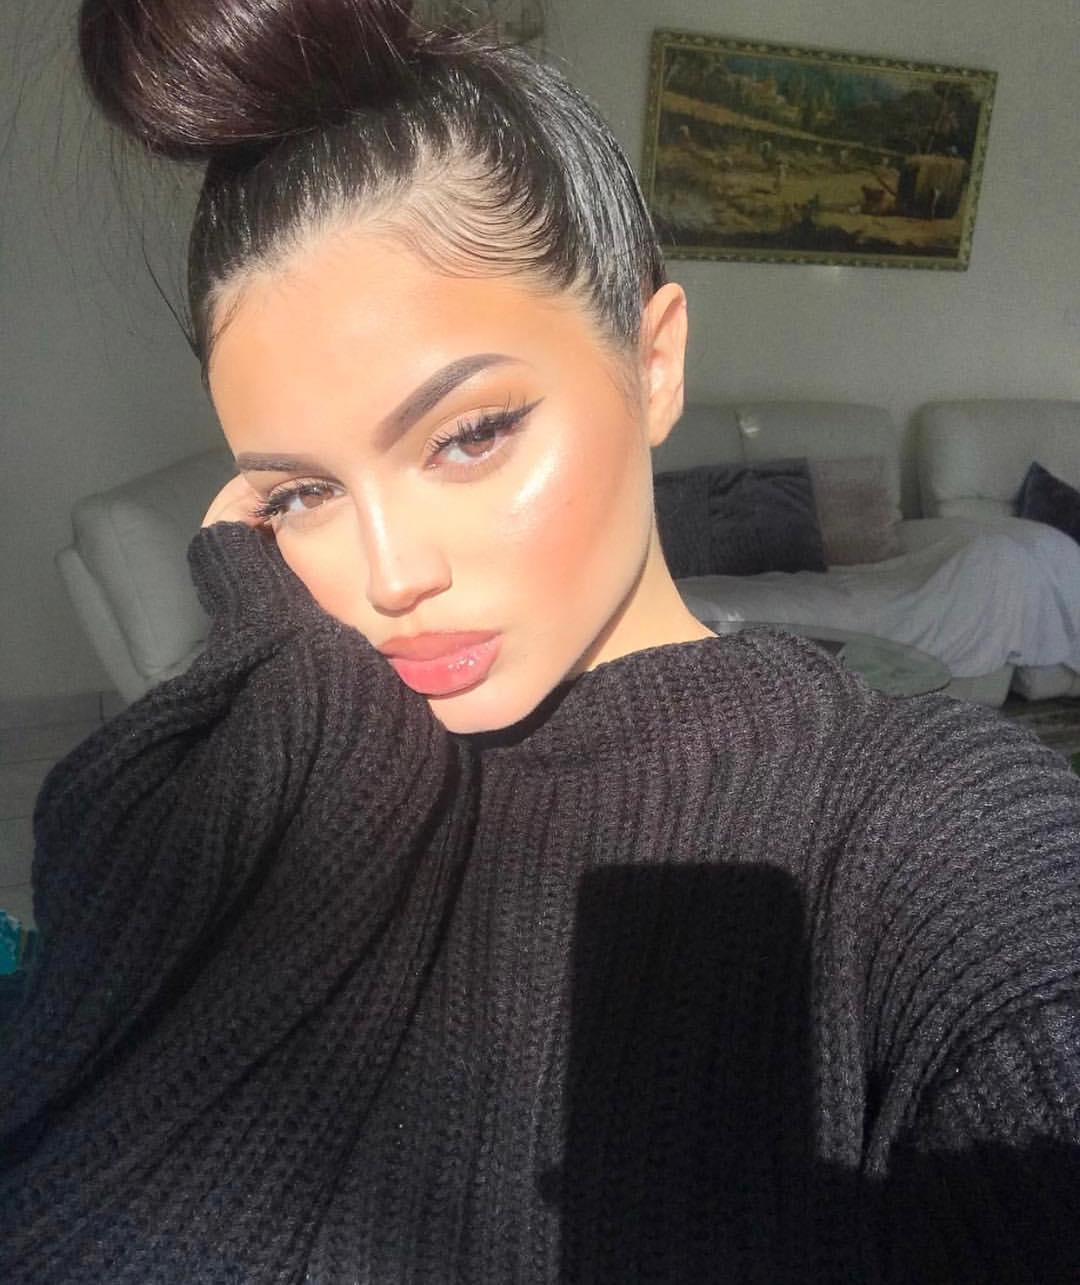 13 People Who Look Like A Kardashian